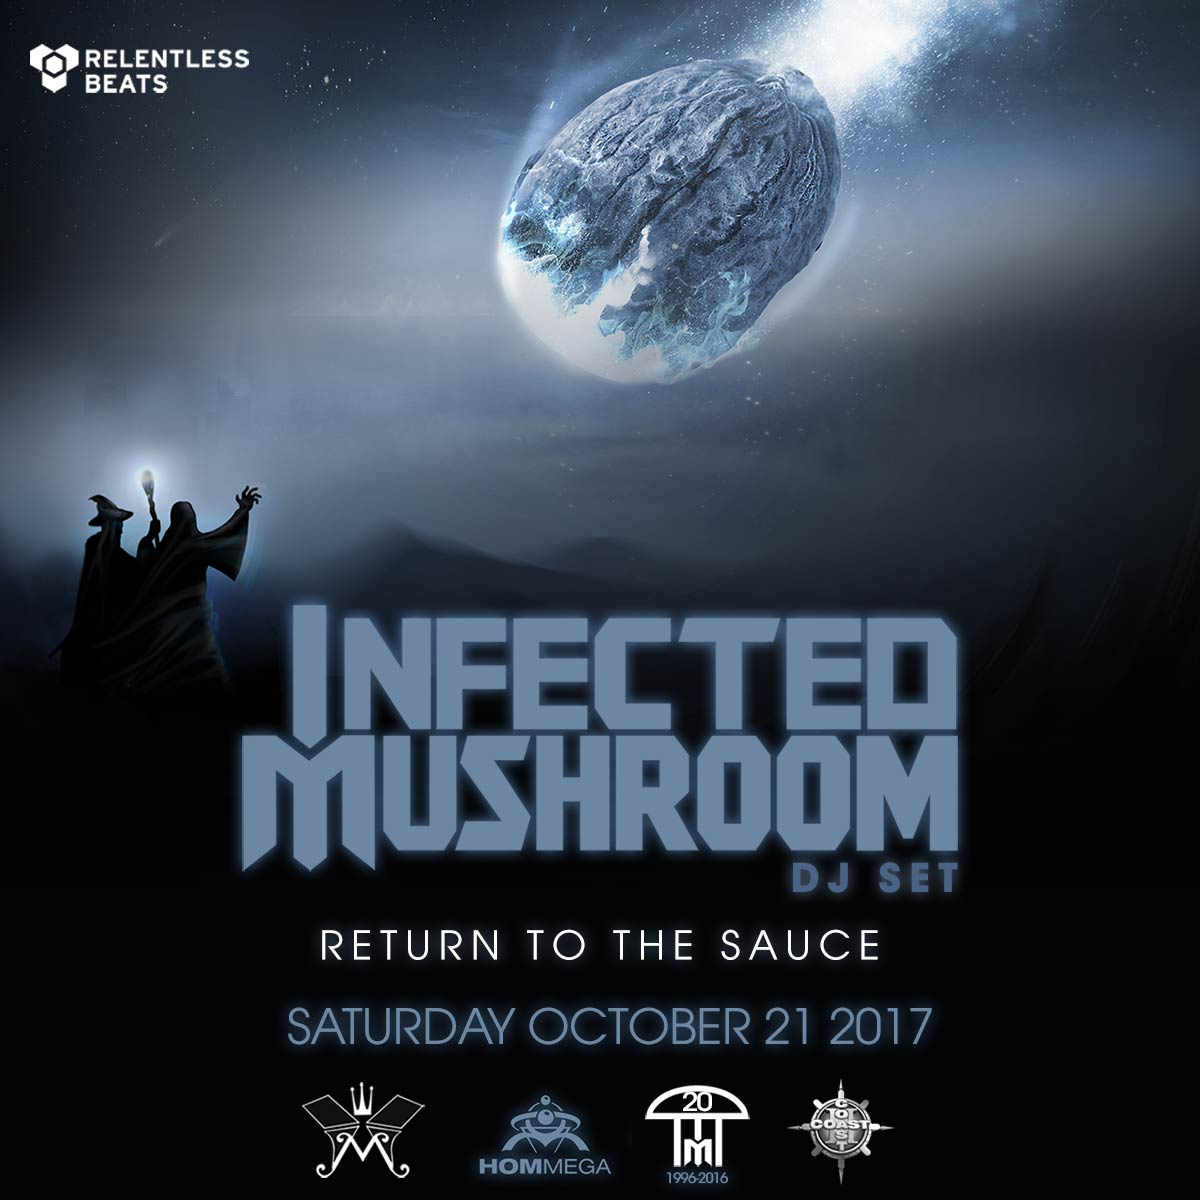 Flyer for Infected Mushroom (DJ Set)